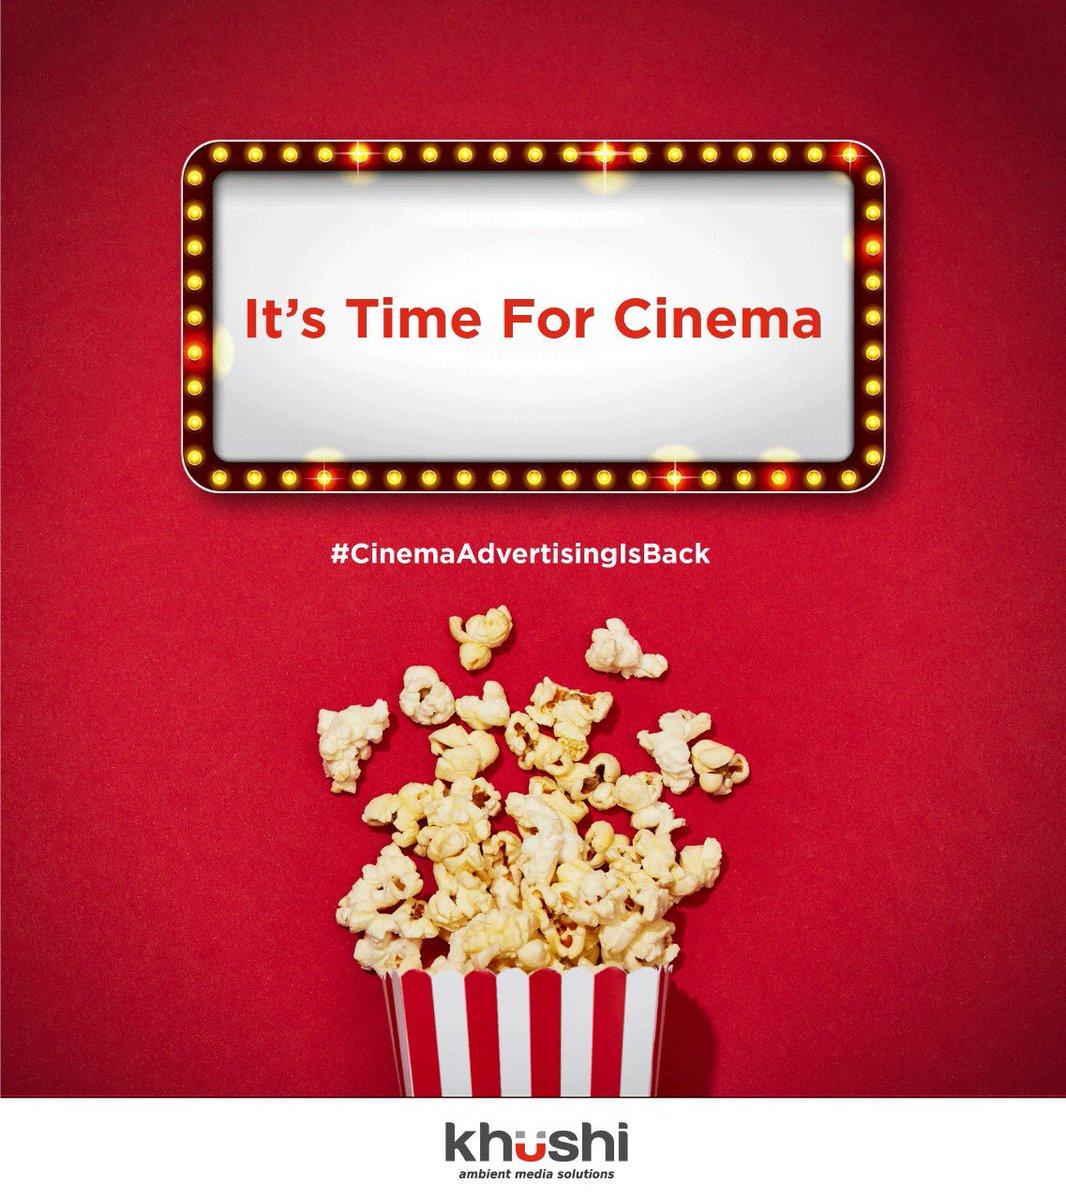 #KhushiAdvertising #Khushi #CinemaAdvertising #Branding #Marketing #Cinema #MovieTime #CinemaAdvertisingIsBack https://t.co/pqW0Q76drv